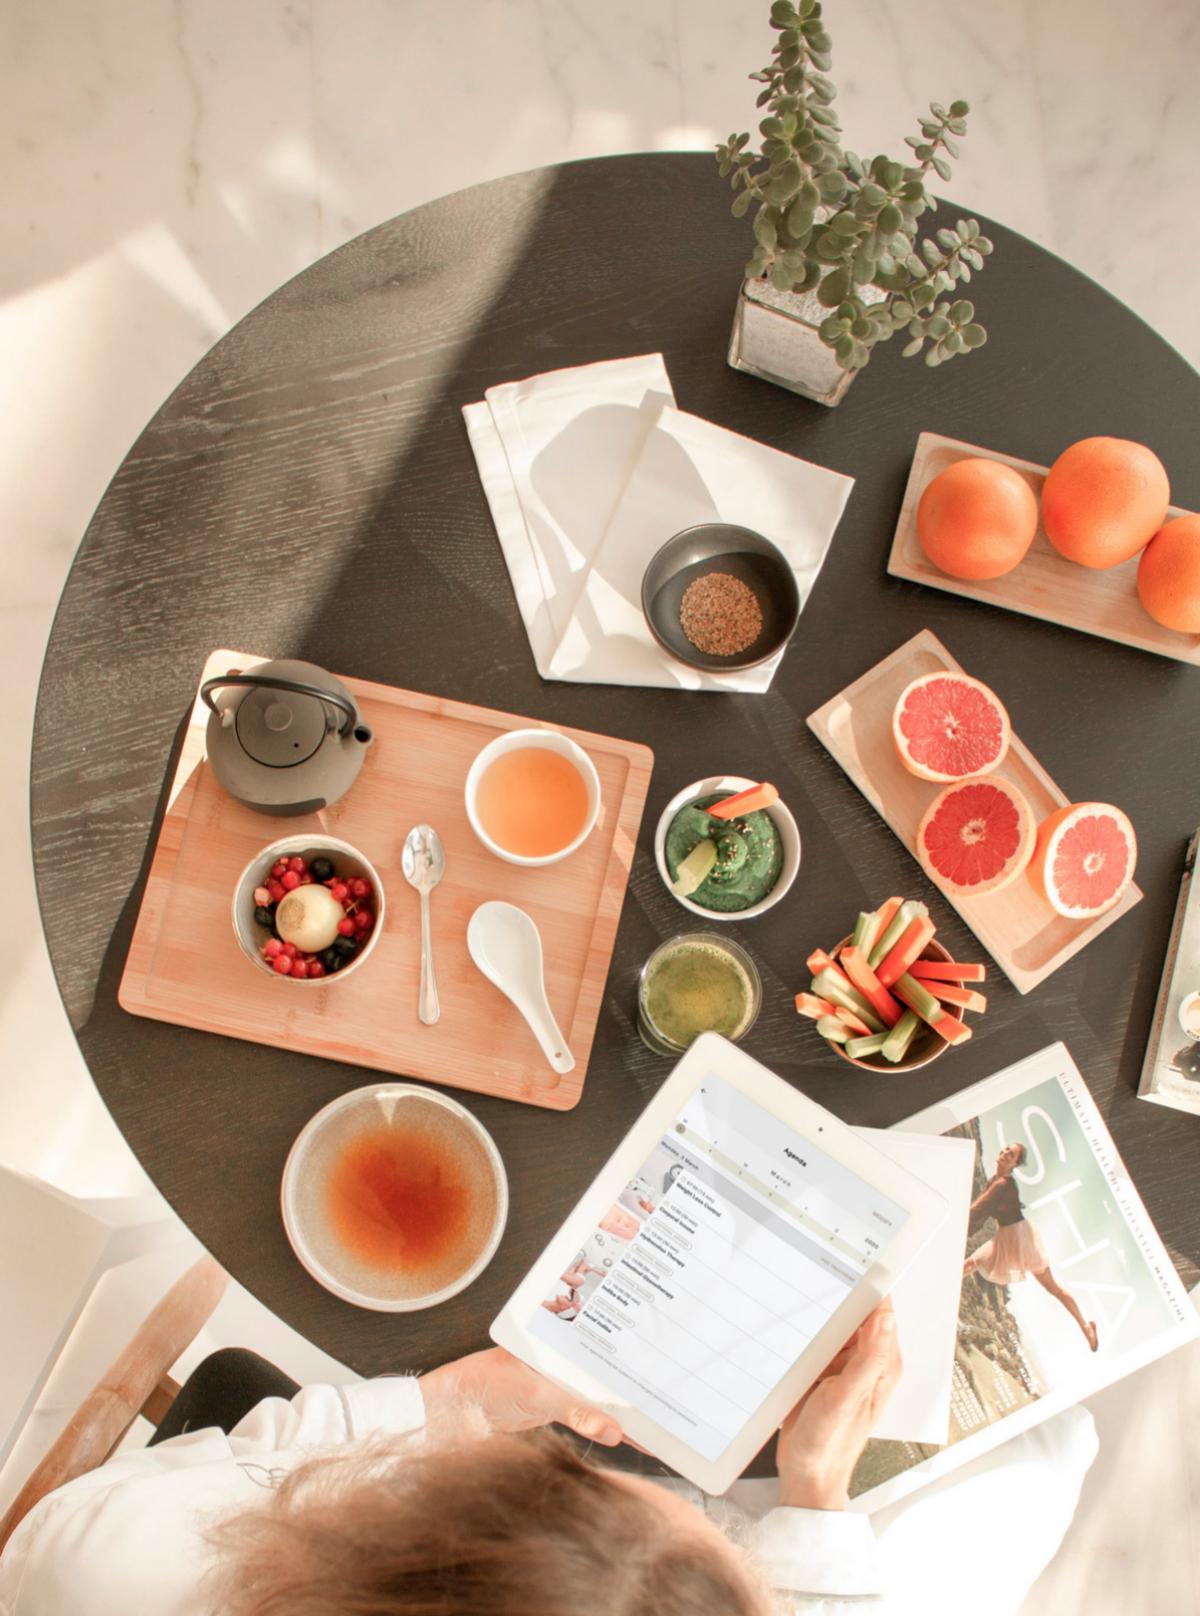 Los desayunos en Sha Wellness Clinic se centran el la combinación de nutrientes a base de sopa de miso, porridge de cereales, hummus y fruta.